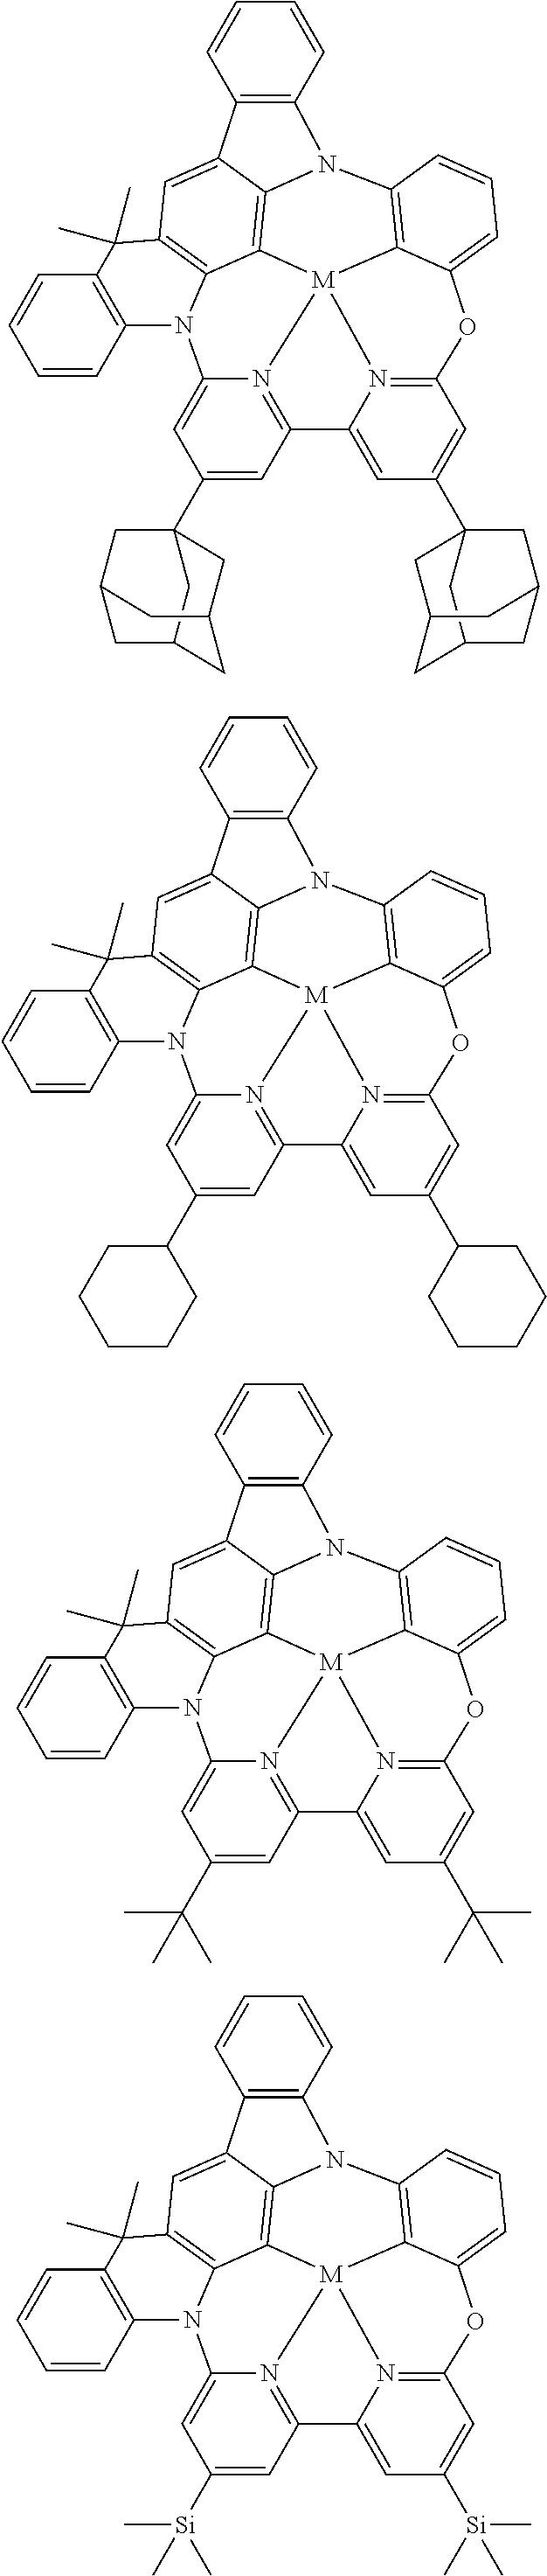 Figure US10158091-20181218-C00205